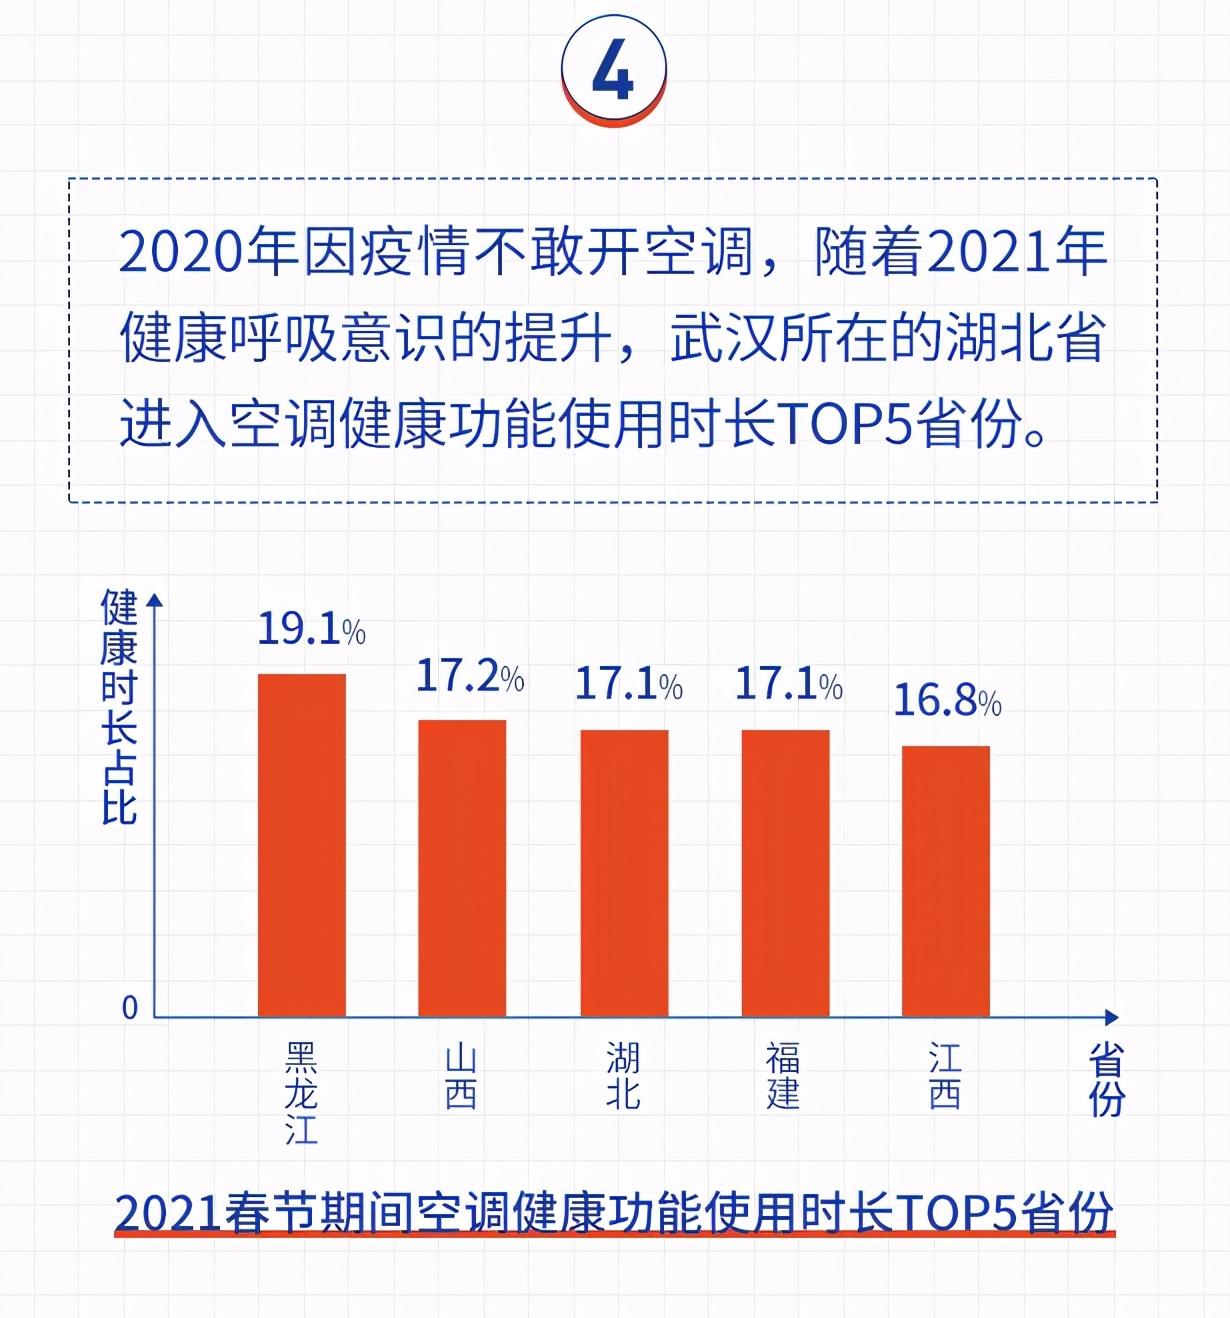 山东开空调最多,黑龙江更偏爱健康!海尔空气网春节大数据发布